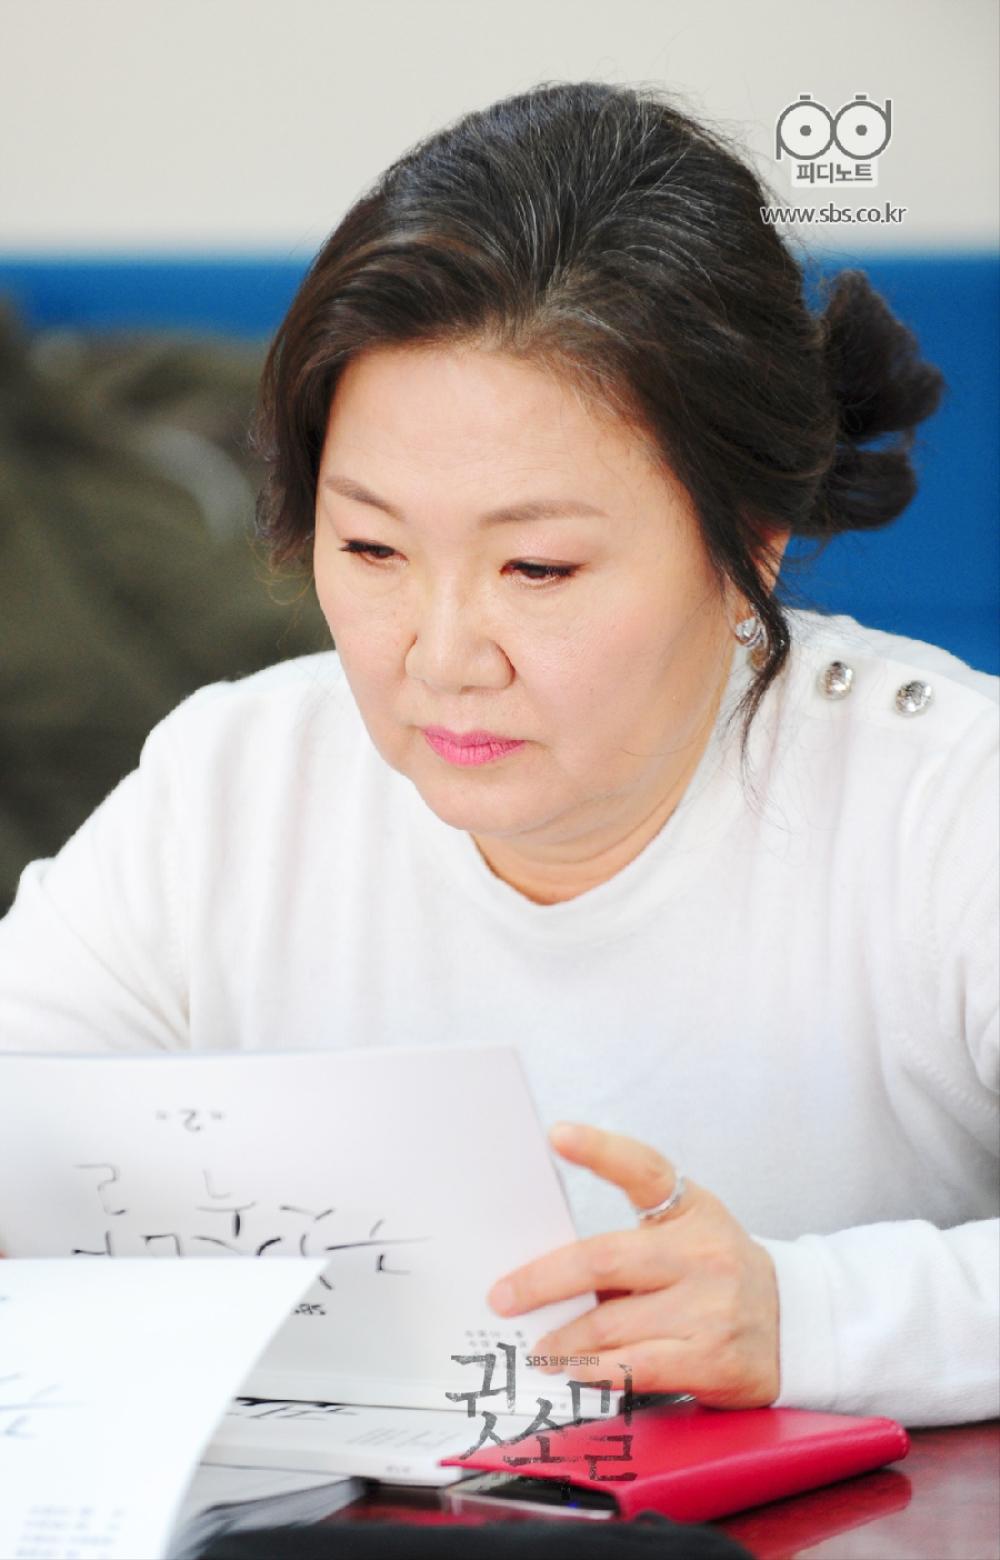 김해숙 귓속말 대본리딩 현장에서 대본 읽고 있는 사진